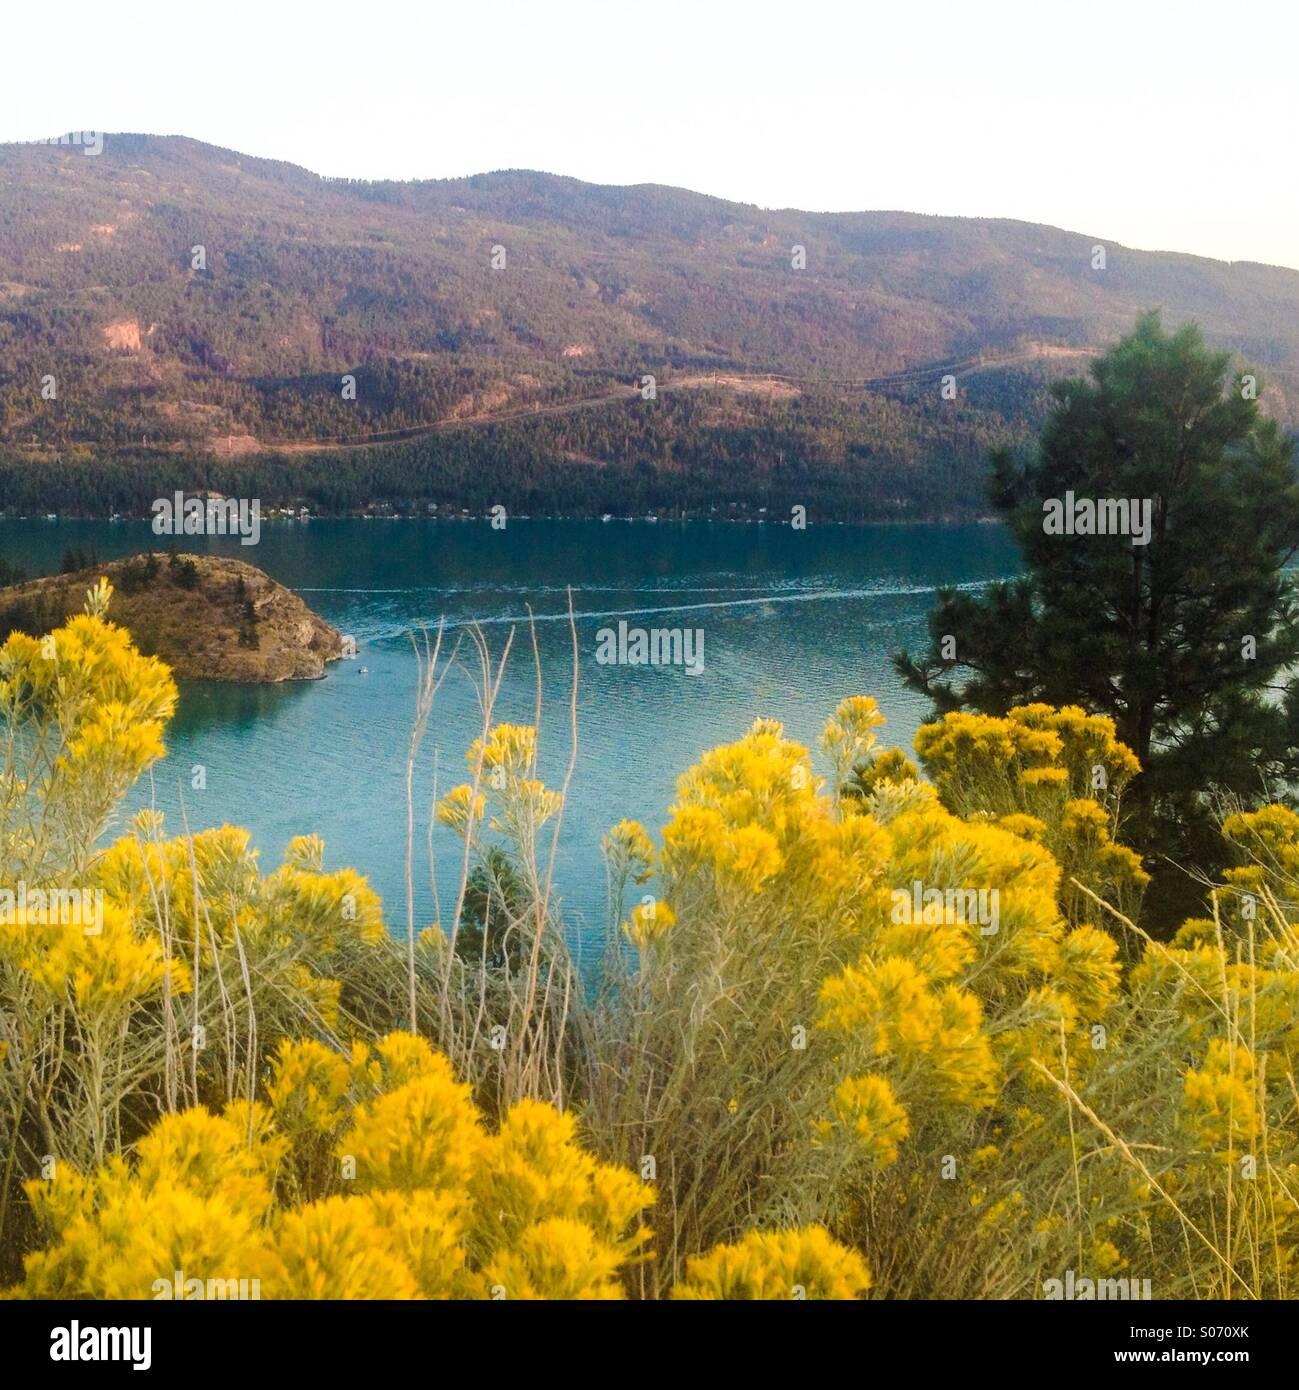 Kalamalka Lake berüchtigten blauen Wasser spiegeln sich fabelhaft gegen die gelben Blüten im Vordergrund. Stockbild